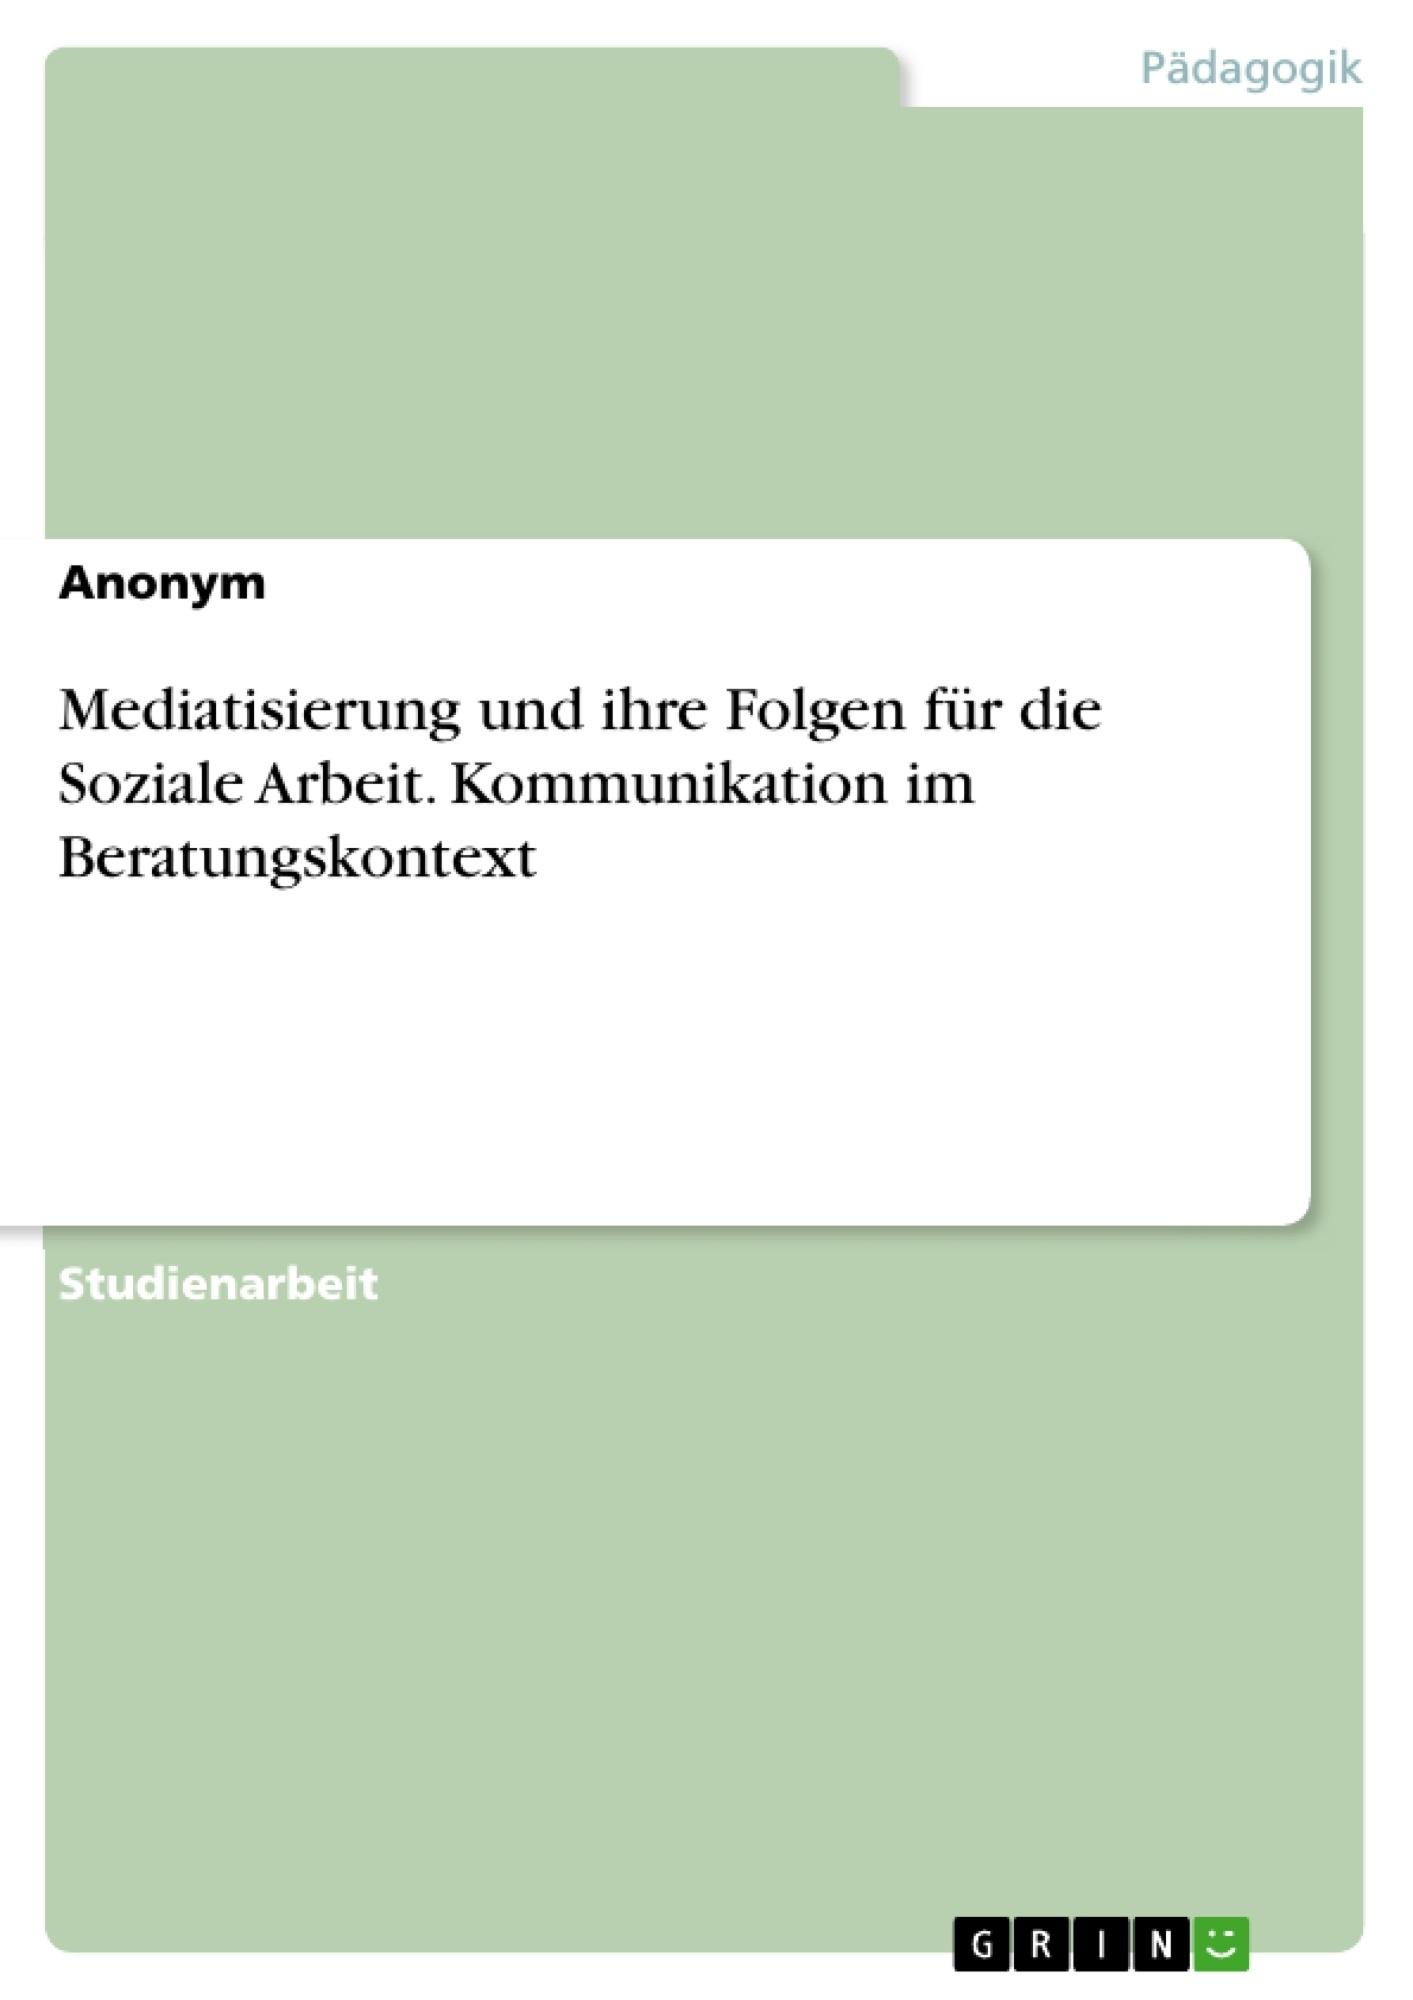 Titel: Mediatisierung und ihre Folgen für die Soziale Arbeit. Kommunikation im Beratungskontext